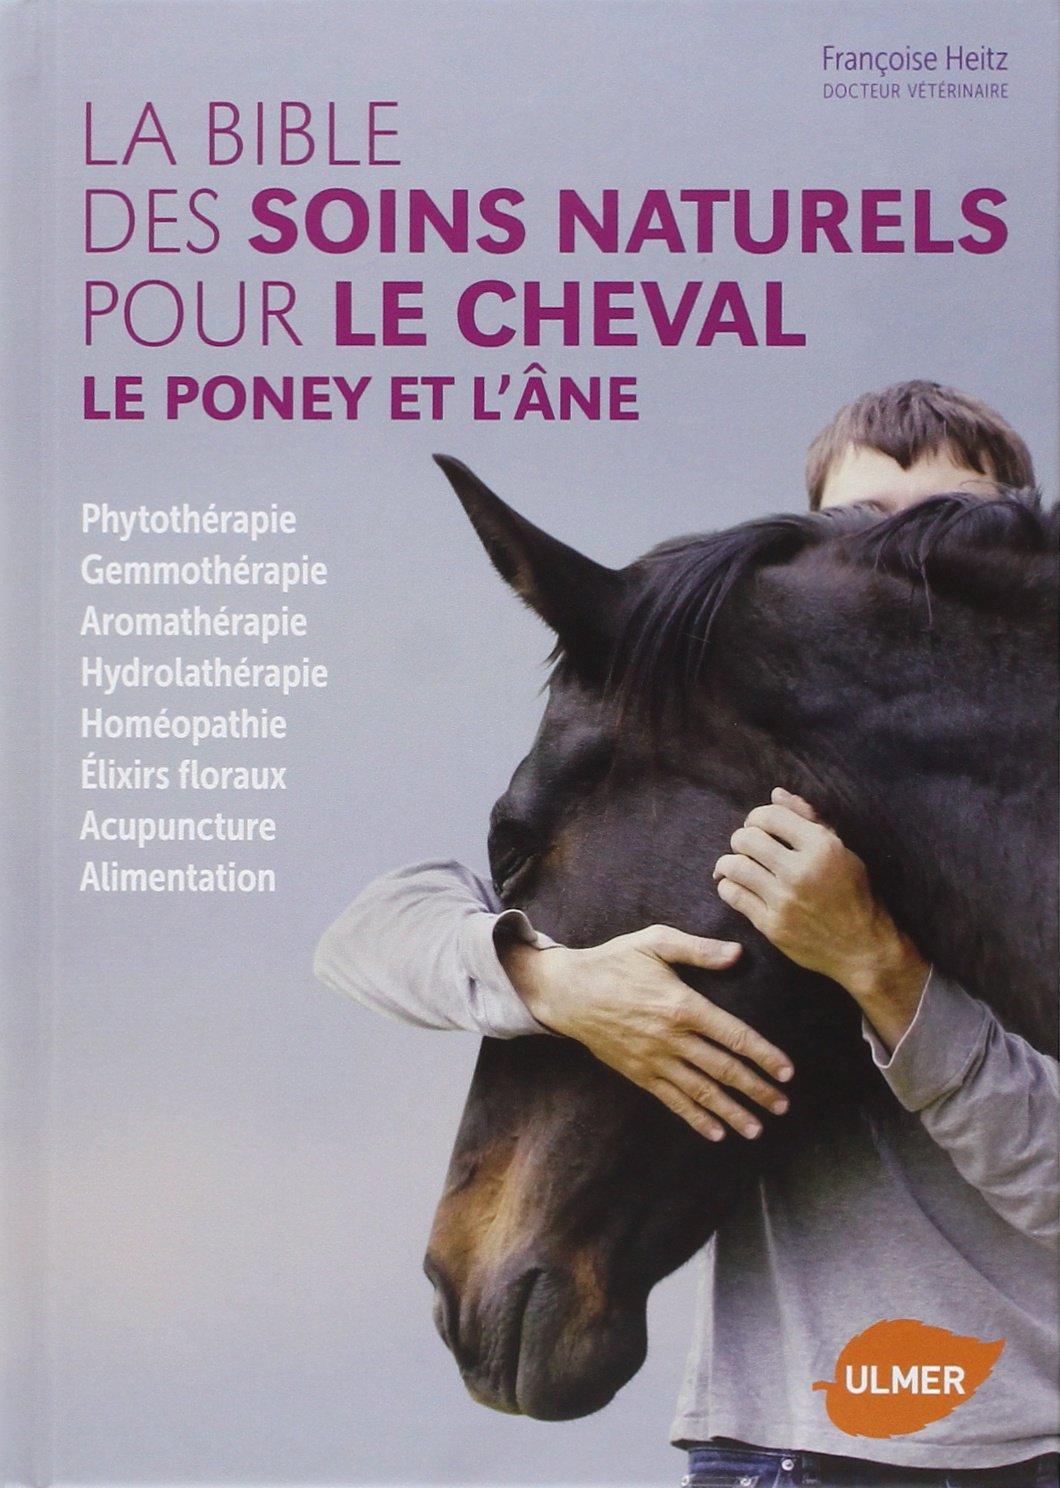 La Bible Des Soins Naturels Pour Le Cheval Le Poney Et L